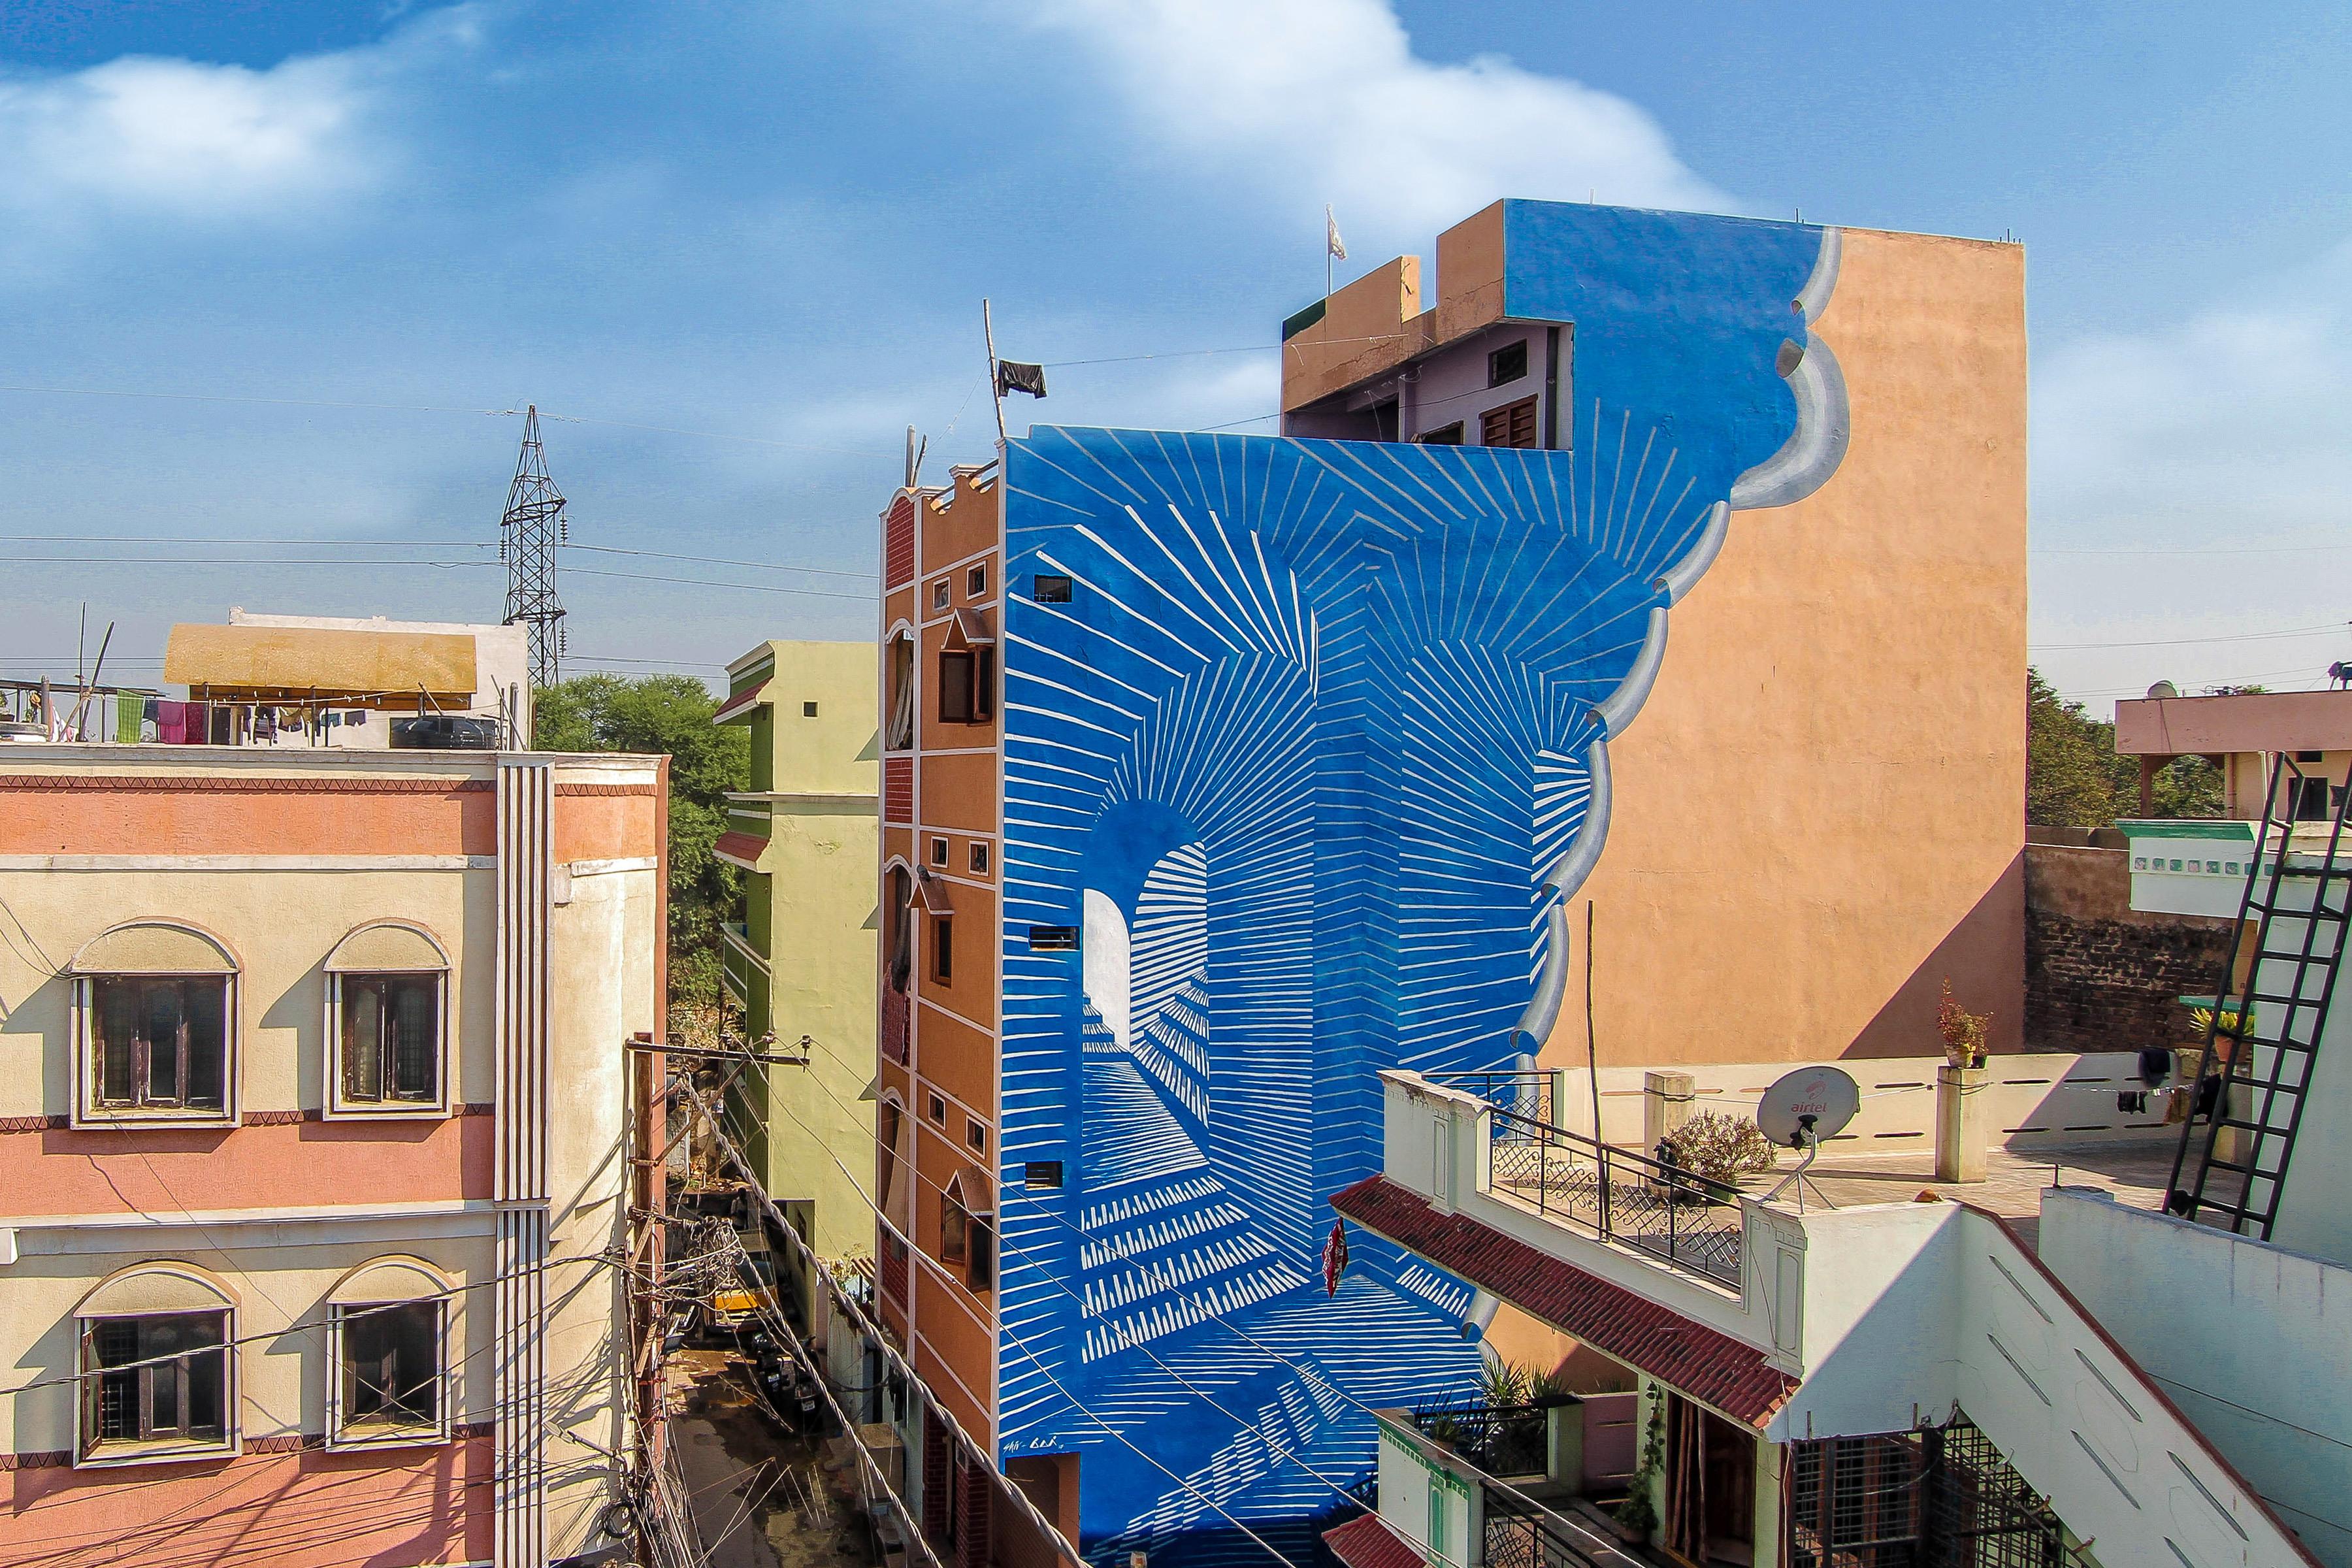 Shiva Rangaa Blue Chowk Maqta Art District 2018 Reveals Pranav Gohil 6